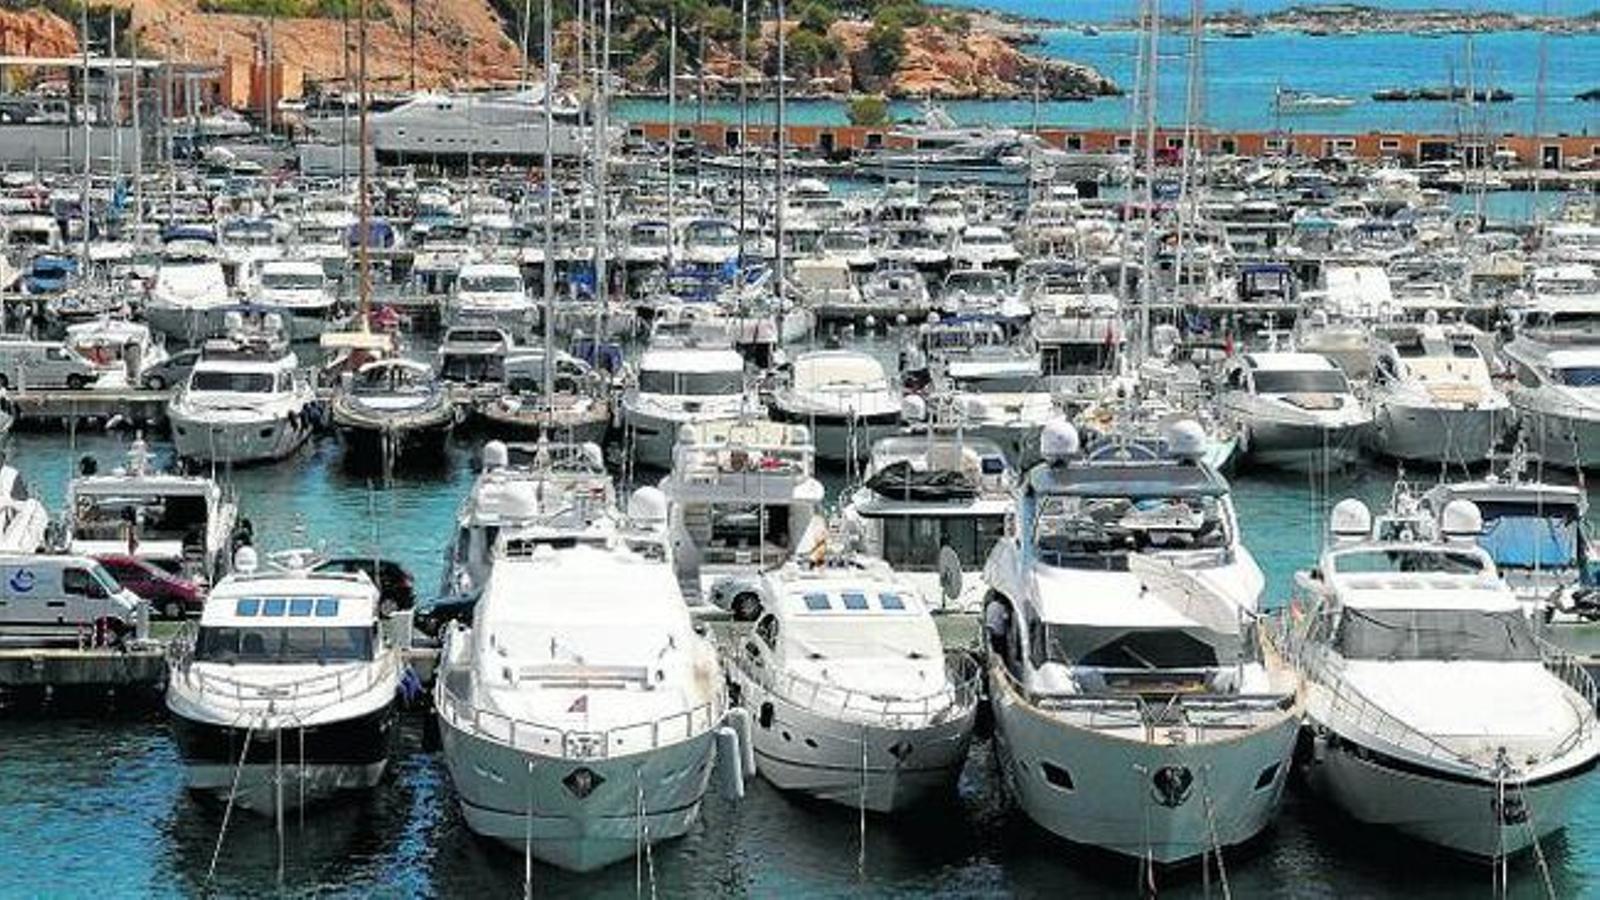 Les embarcacions matriculades a les Illes suposen el 20,07% del total nacional.